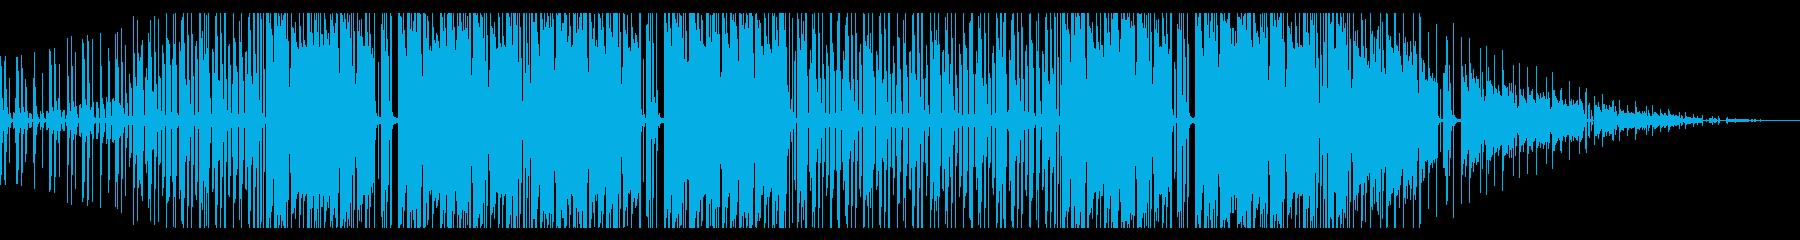 睡魔。ローファイヒップホップ_2の再生済みの波形